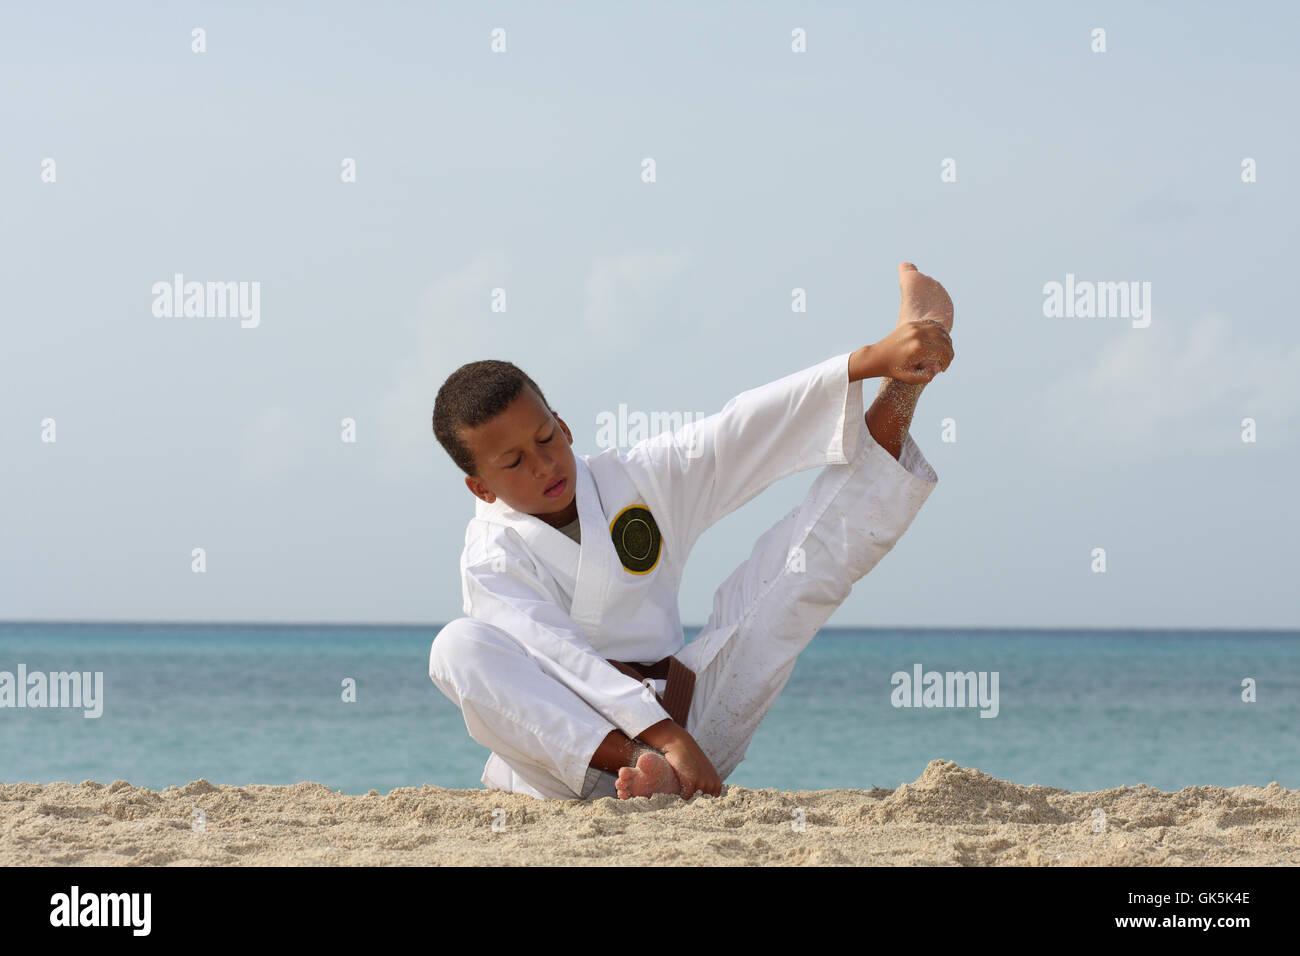 11-Jahre junge Aufwärmen vor Tae Kwon Do trainieren auf der Karibik-Insel Strand zu tun. Stockbild